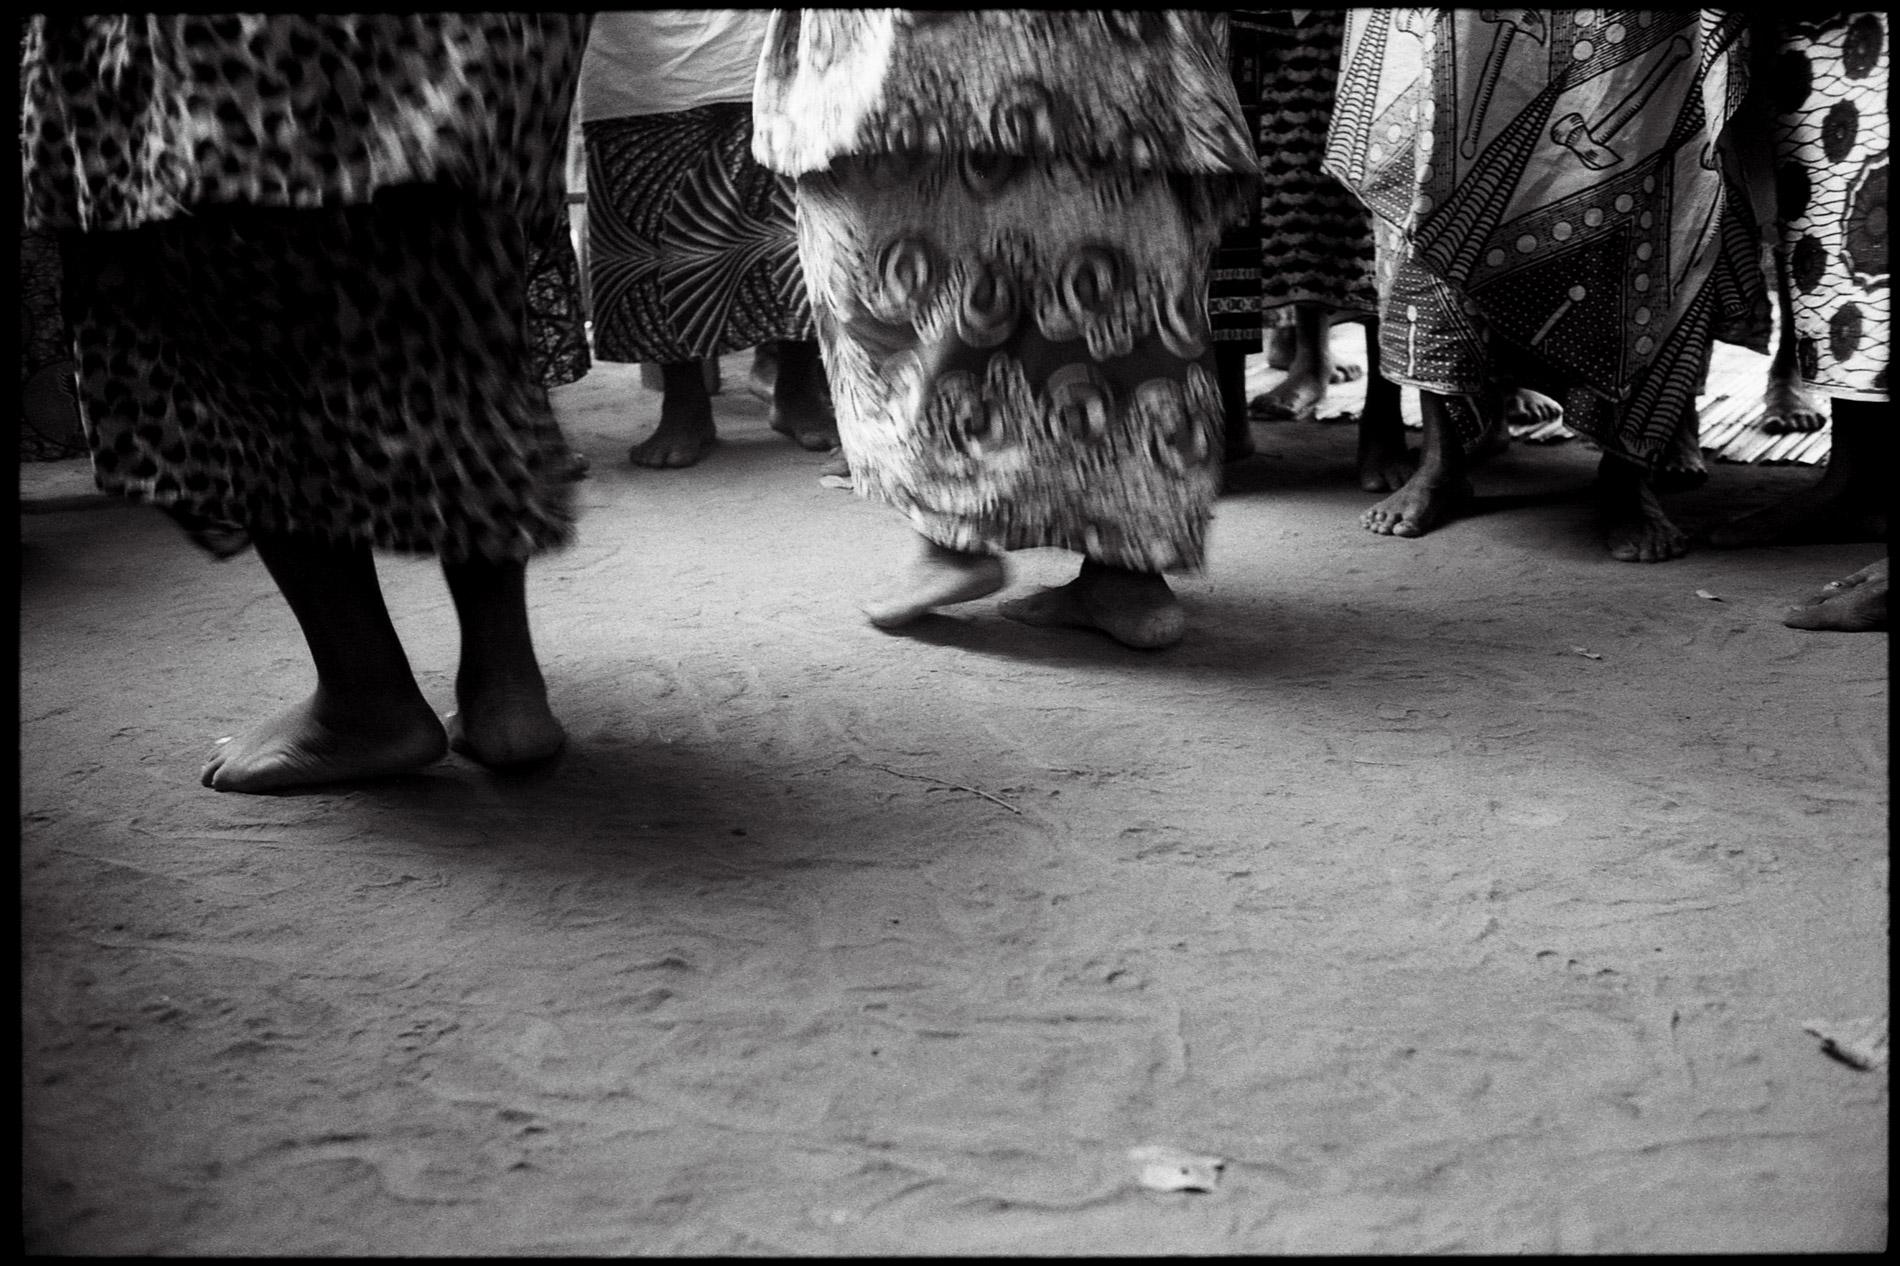 Danses et chants traditionnels des Vodounsis (adeptes vaudou) du village d'Atogo au Benin